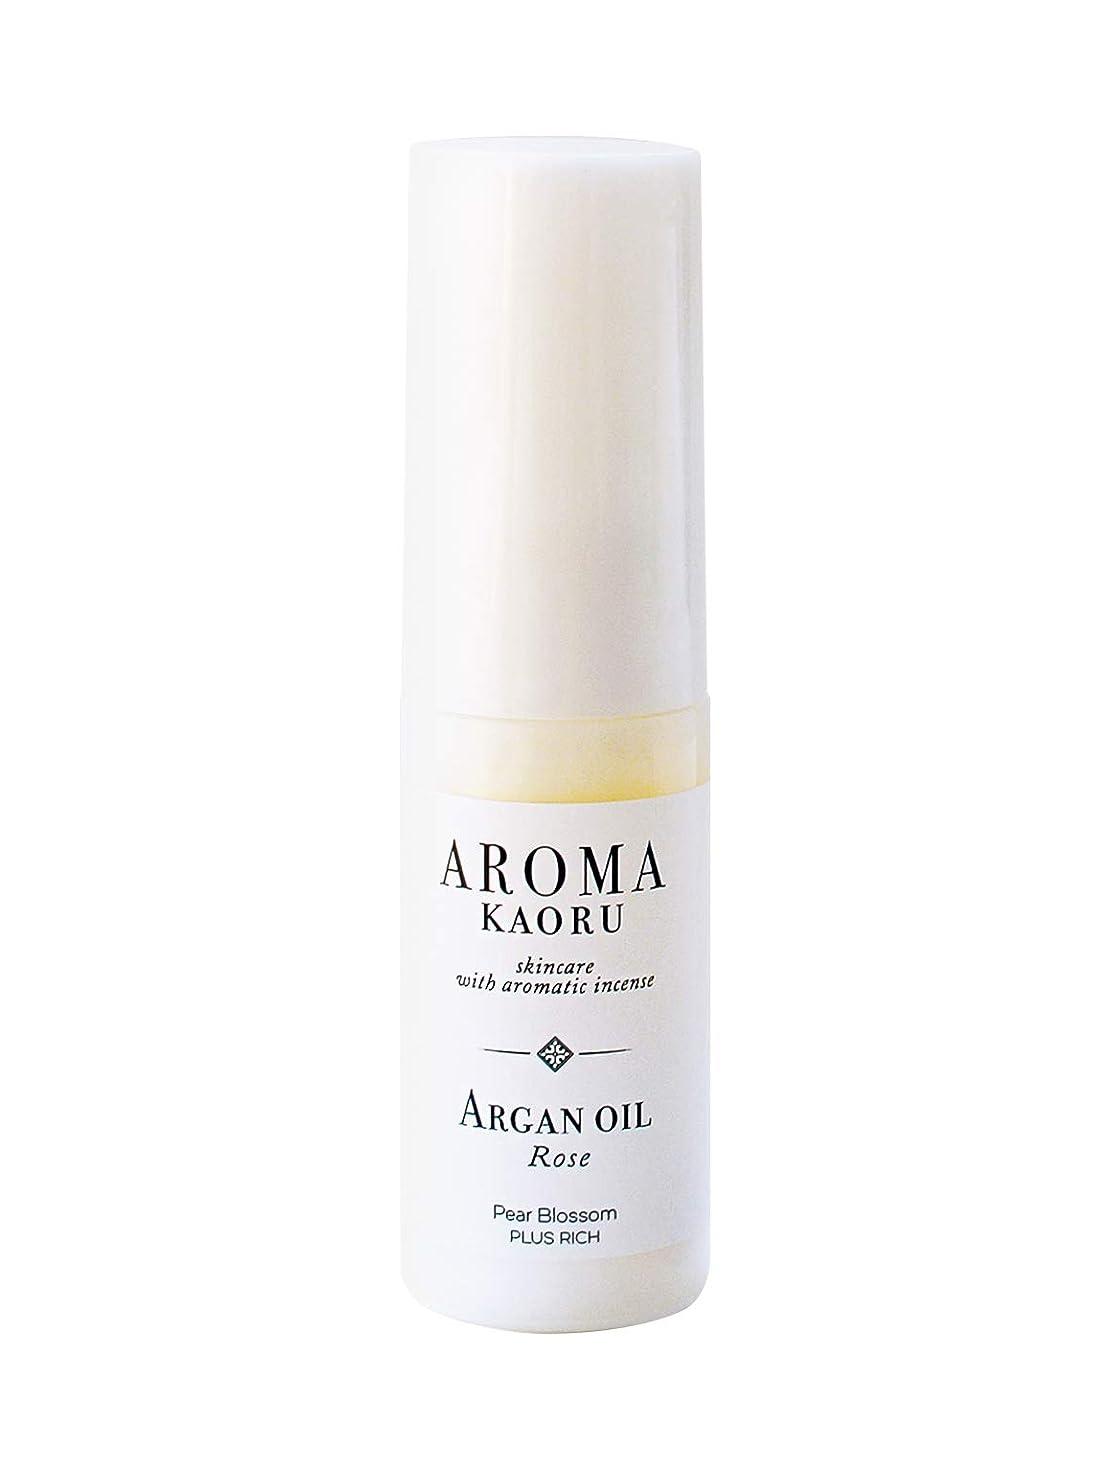 推測の頭の上シルクアロマ香るアルガンオイル PB 美容オイル(AR)